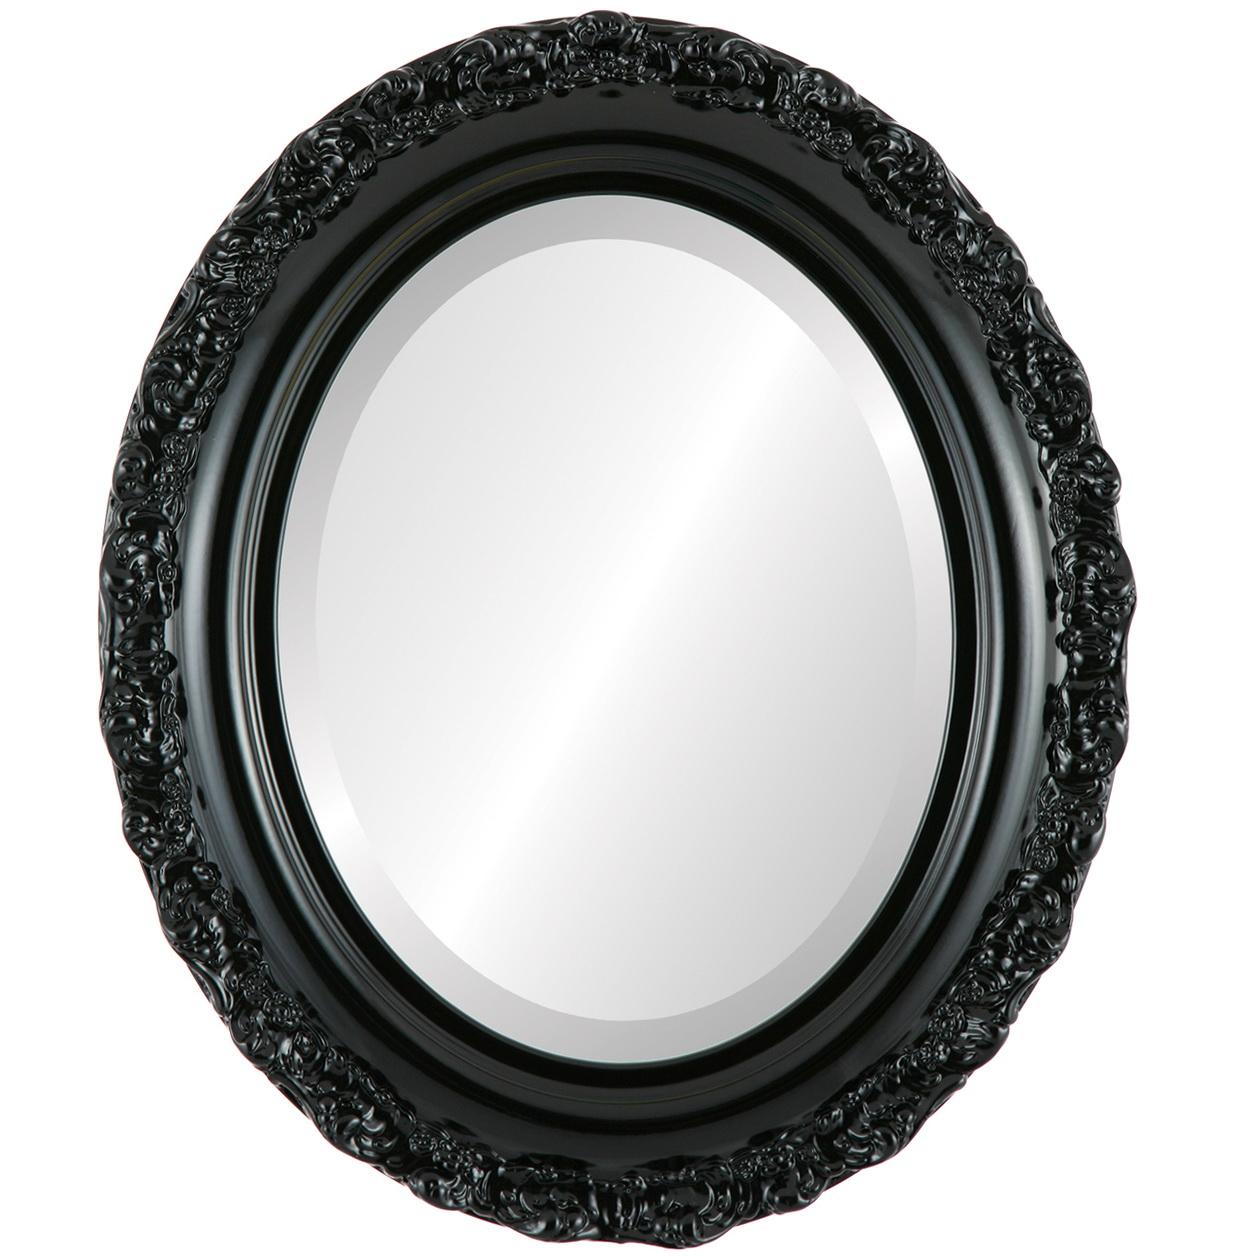 Oval Black Framed Mirror